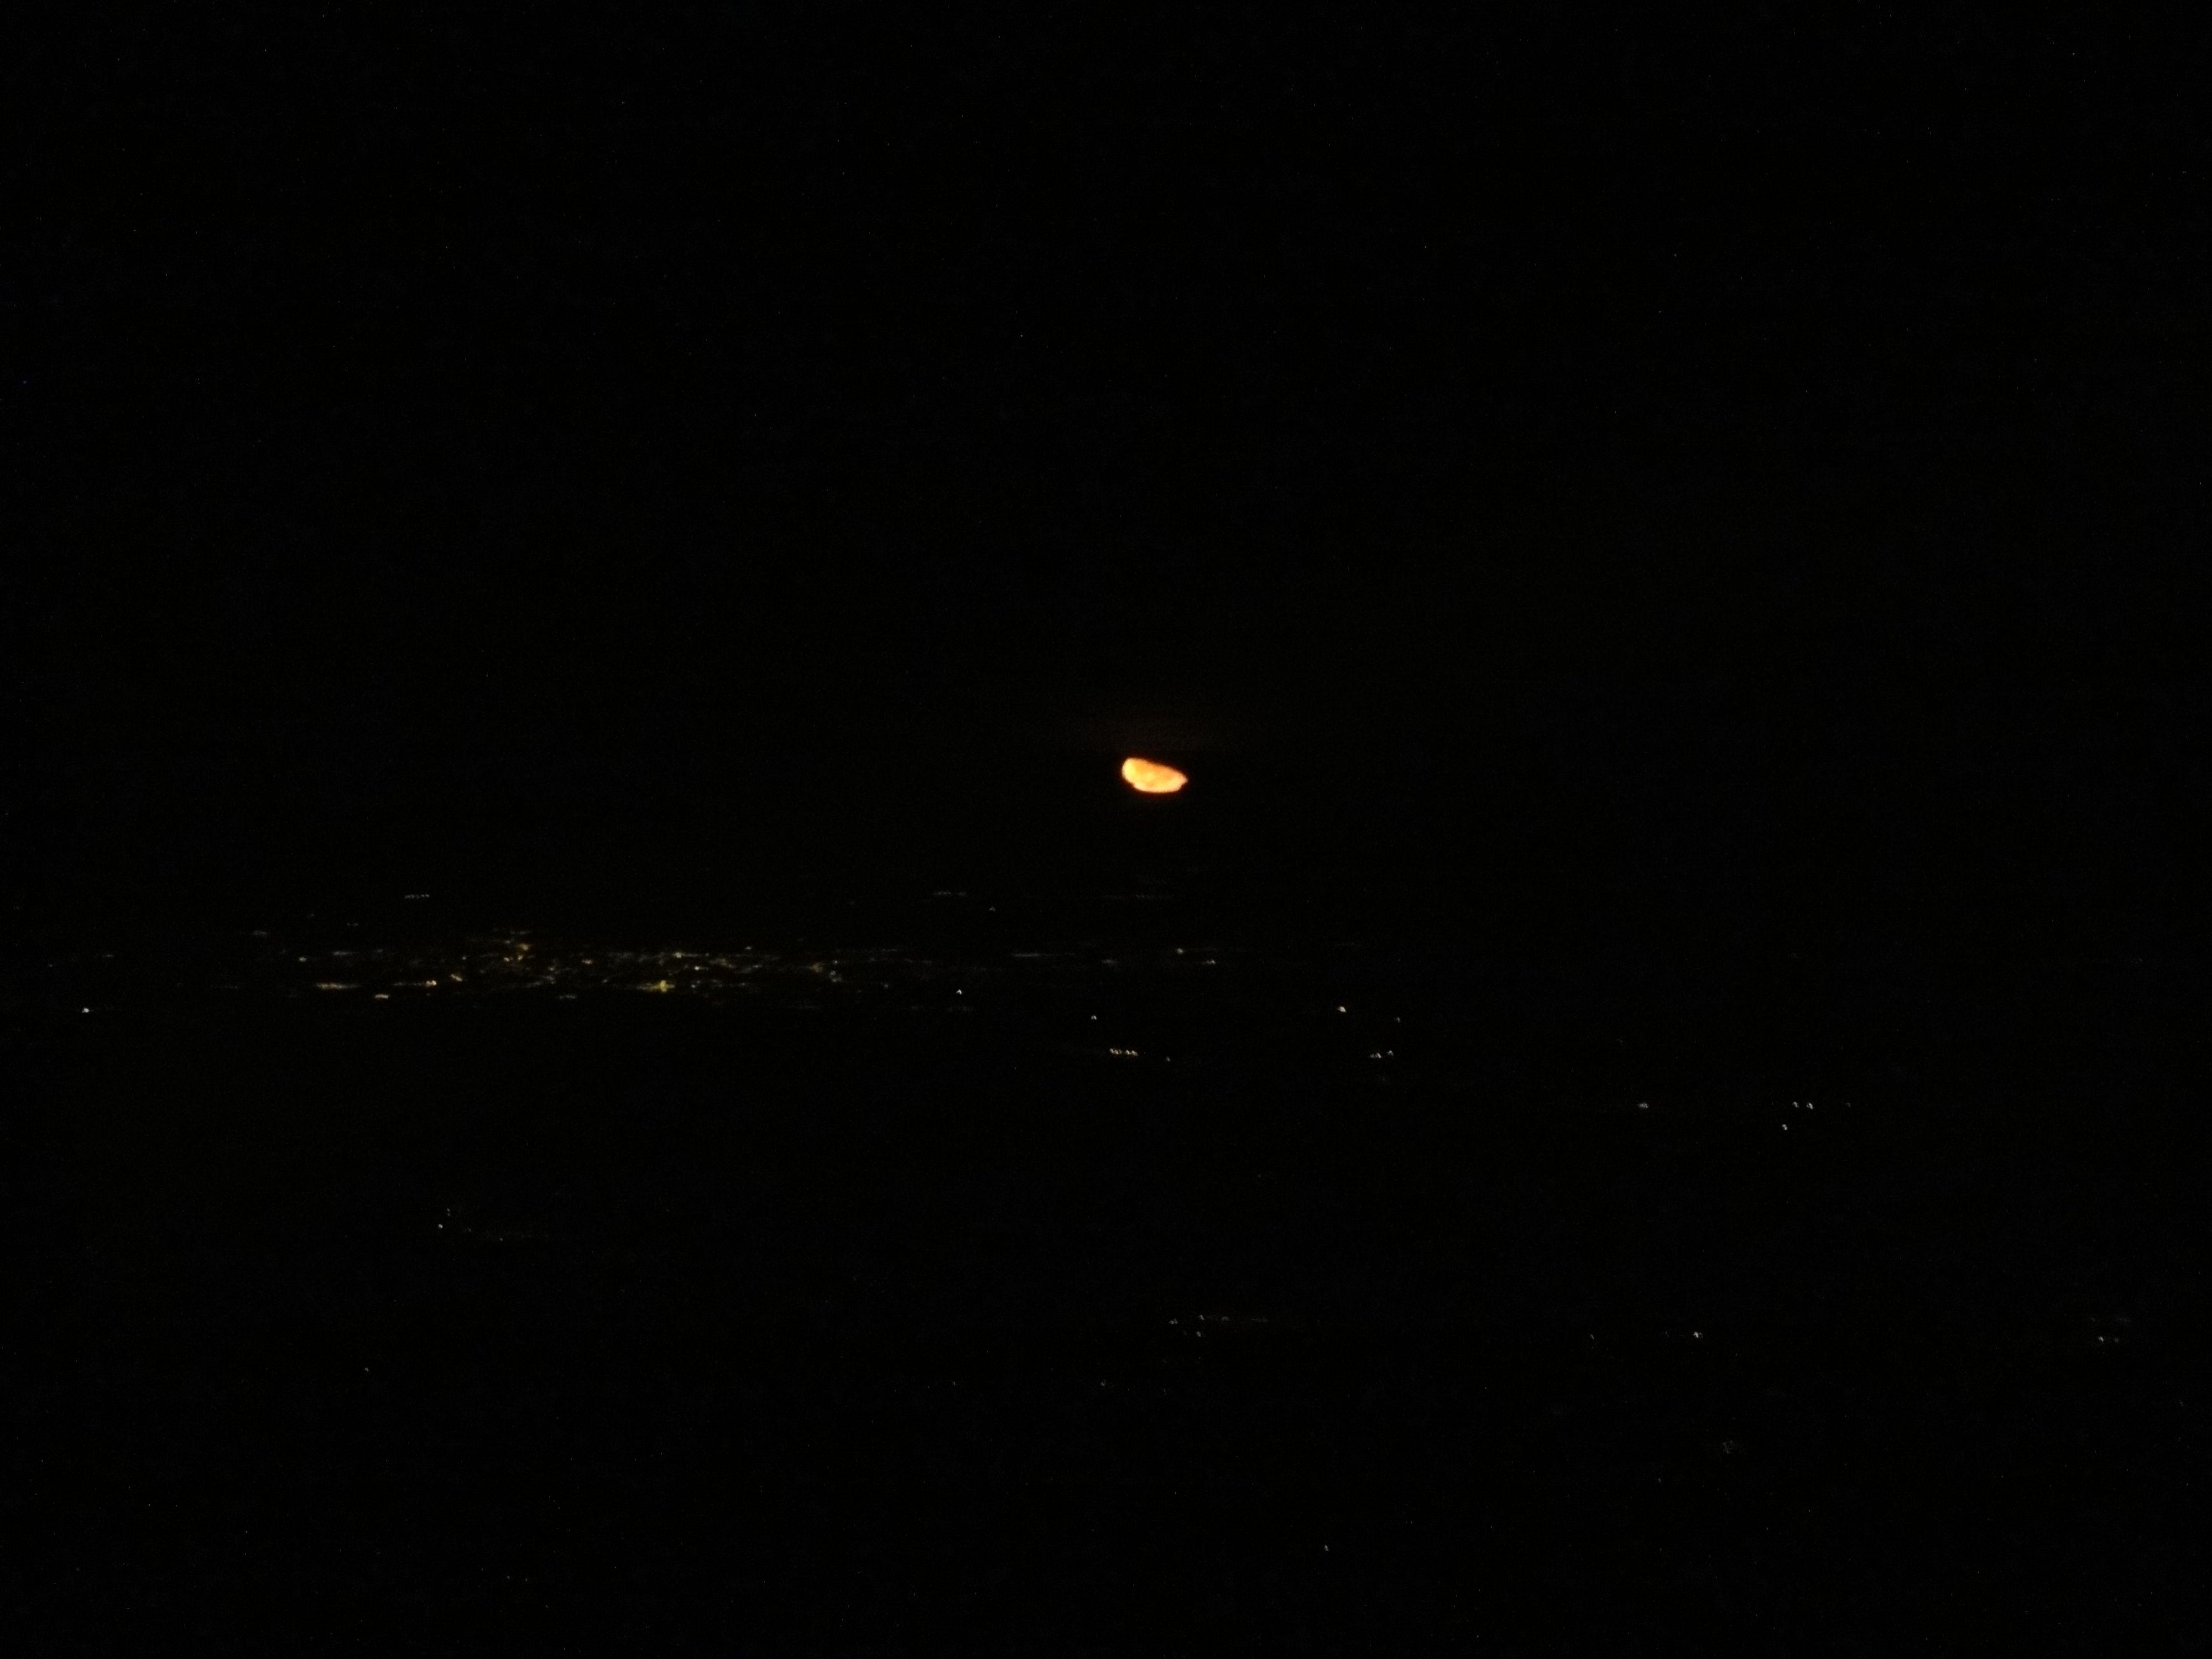 Erst wenige Minuten später sieht man, dass es nicht die Sonne war, sondern tatsächlich der Mond, der überm Horizont erscheint.